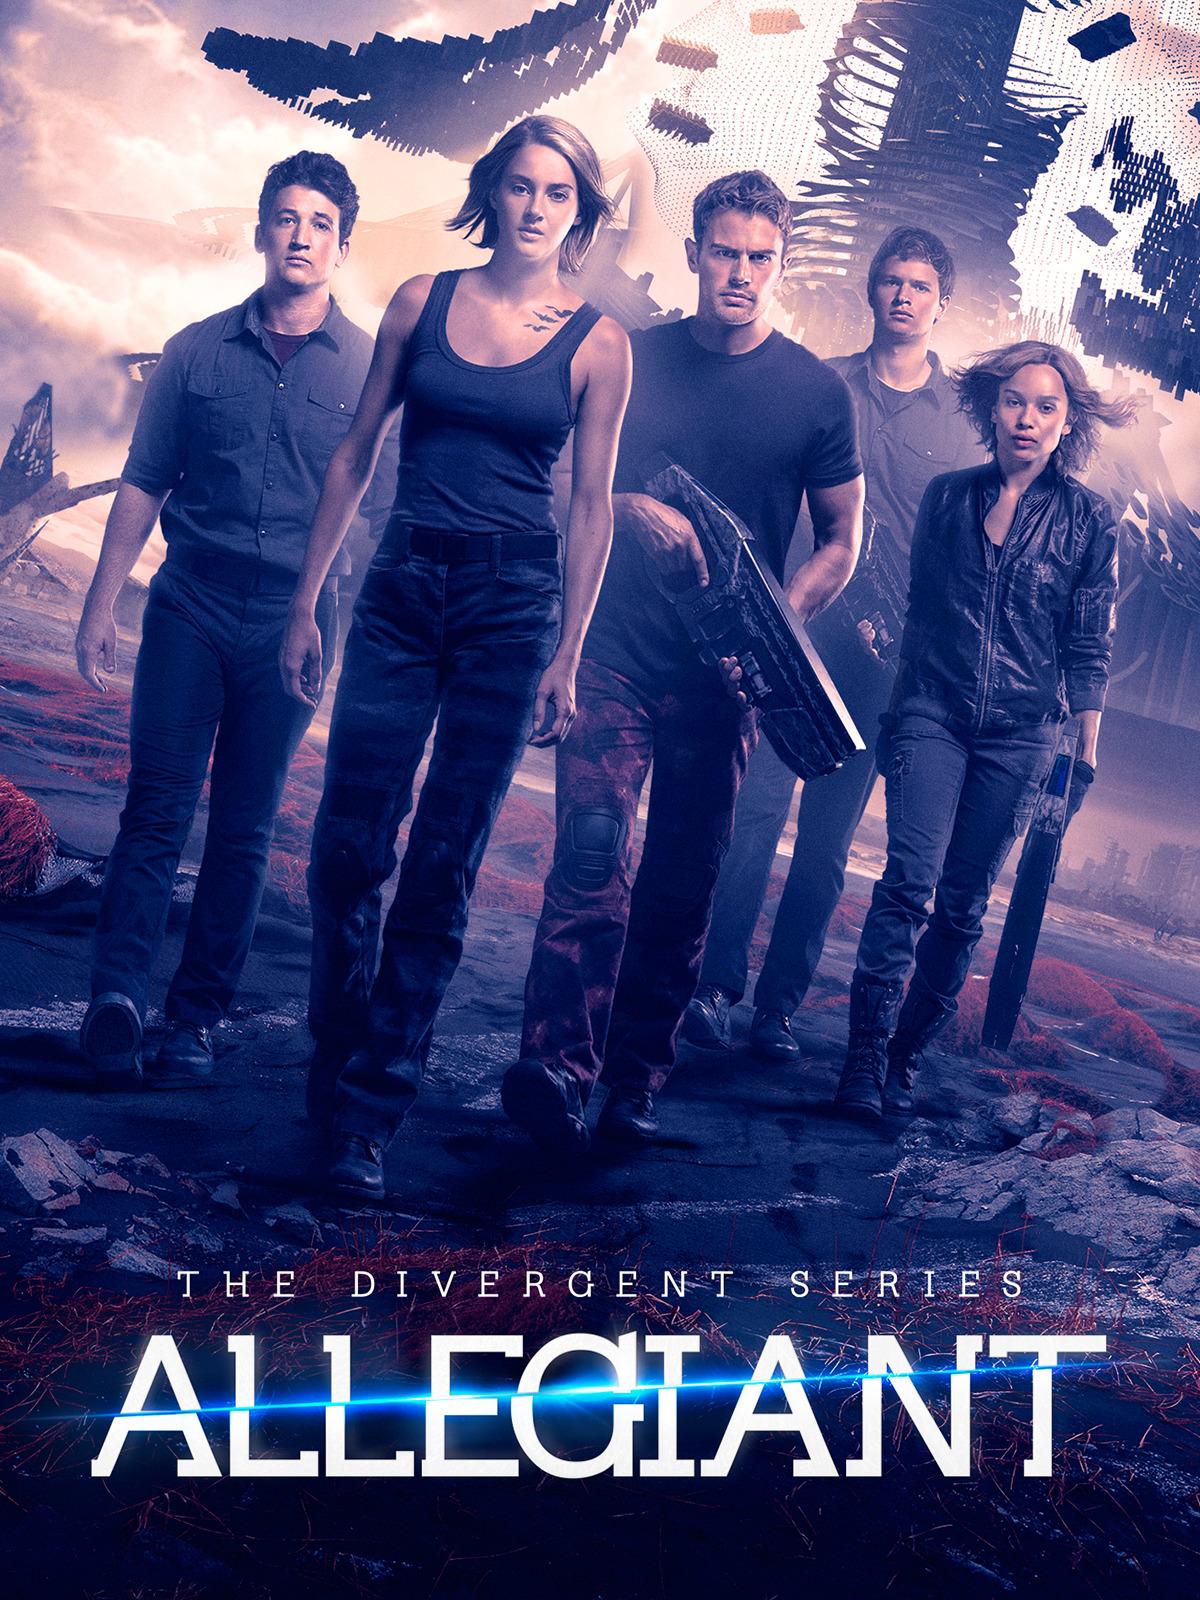 Prime Video: The Divergent Series: Allegiant